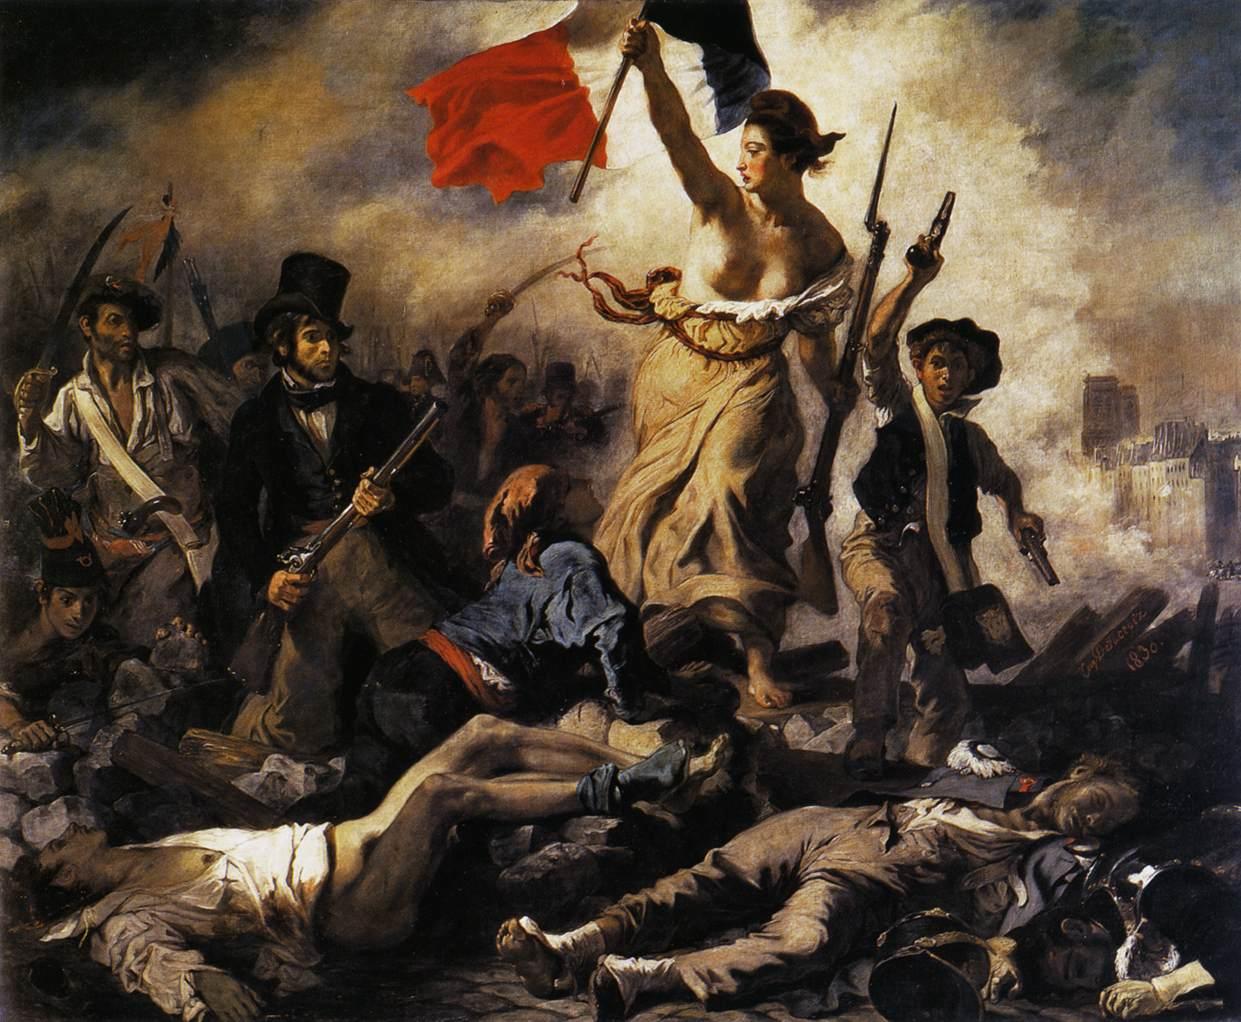 Eugène Delacroix, Liberty Leading the People, 1830, oil on canvas, 260 × 325 cm. Musée du Louvre, Paris.